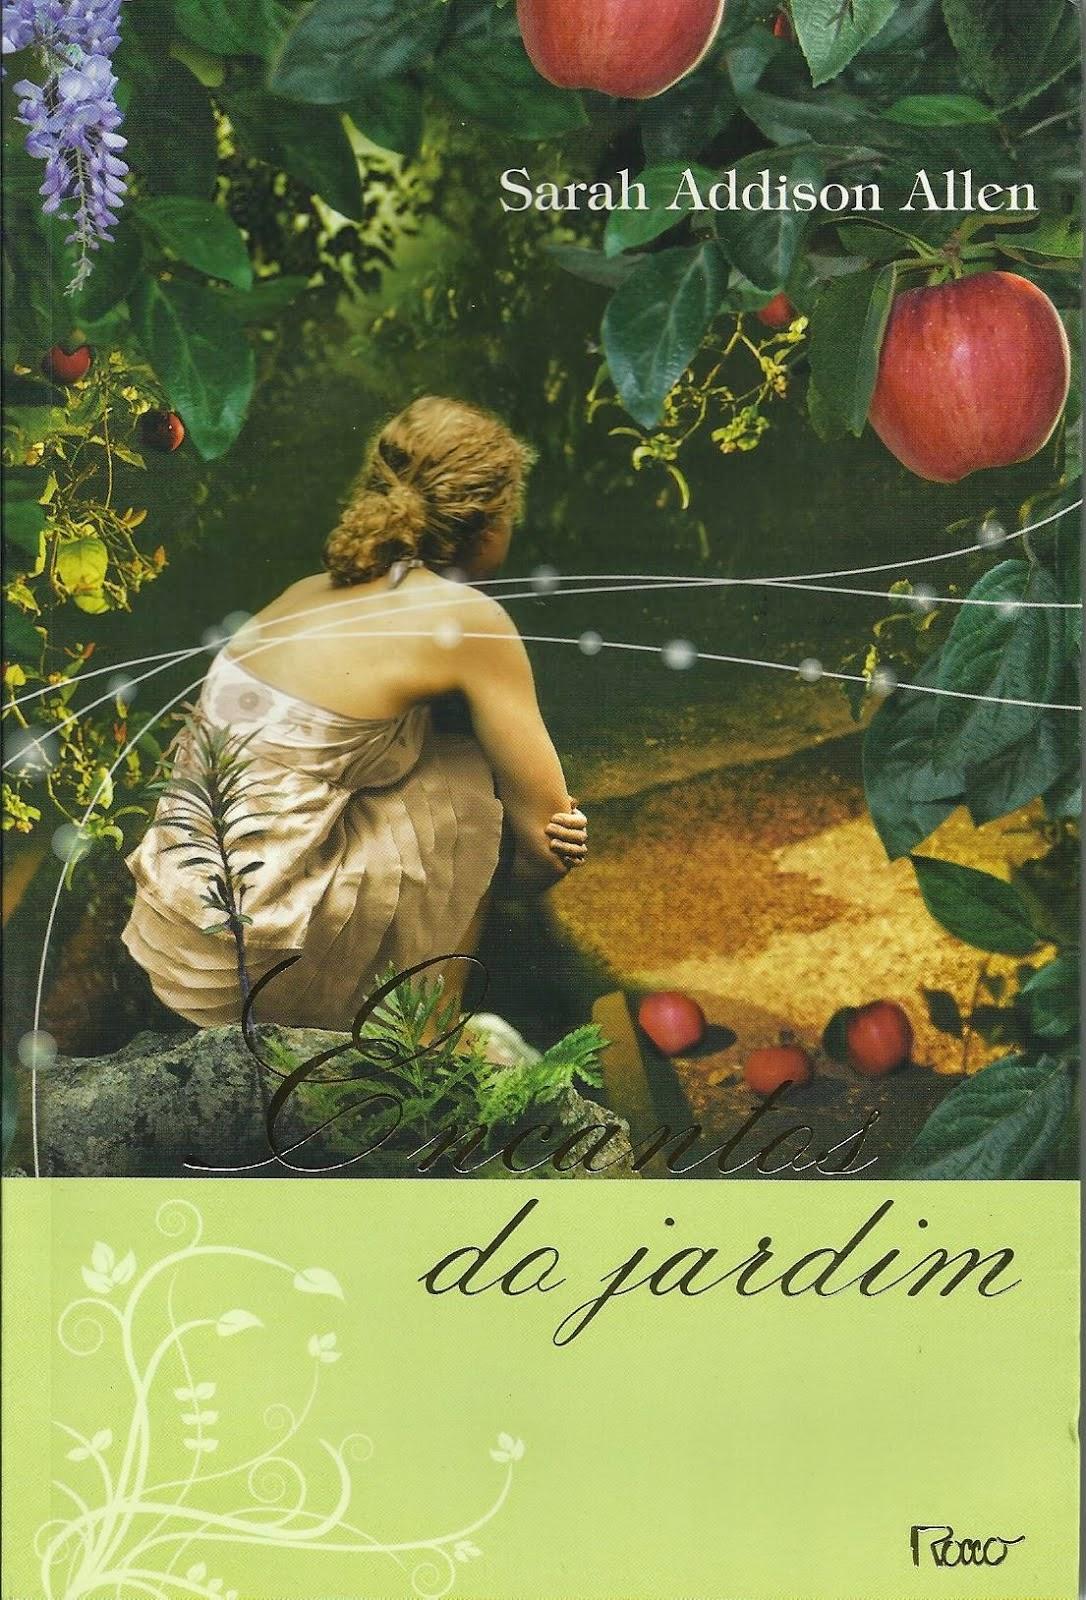 http://www.leituranossa.com.br/2014/05/encantos-do-jardim-sarah-addison-allen.html